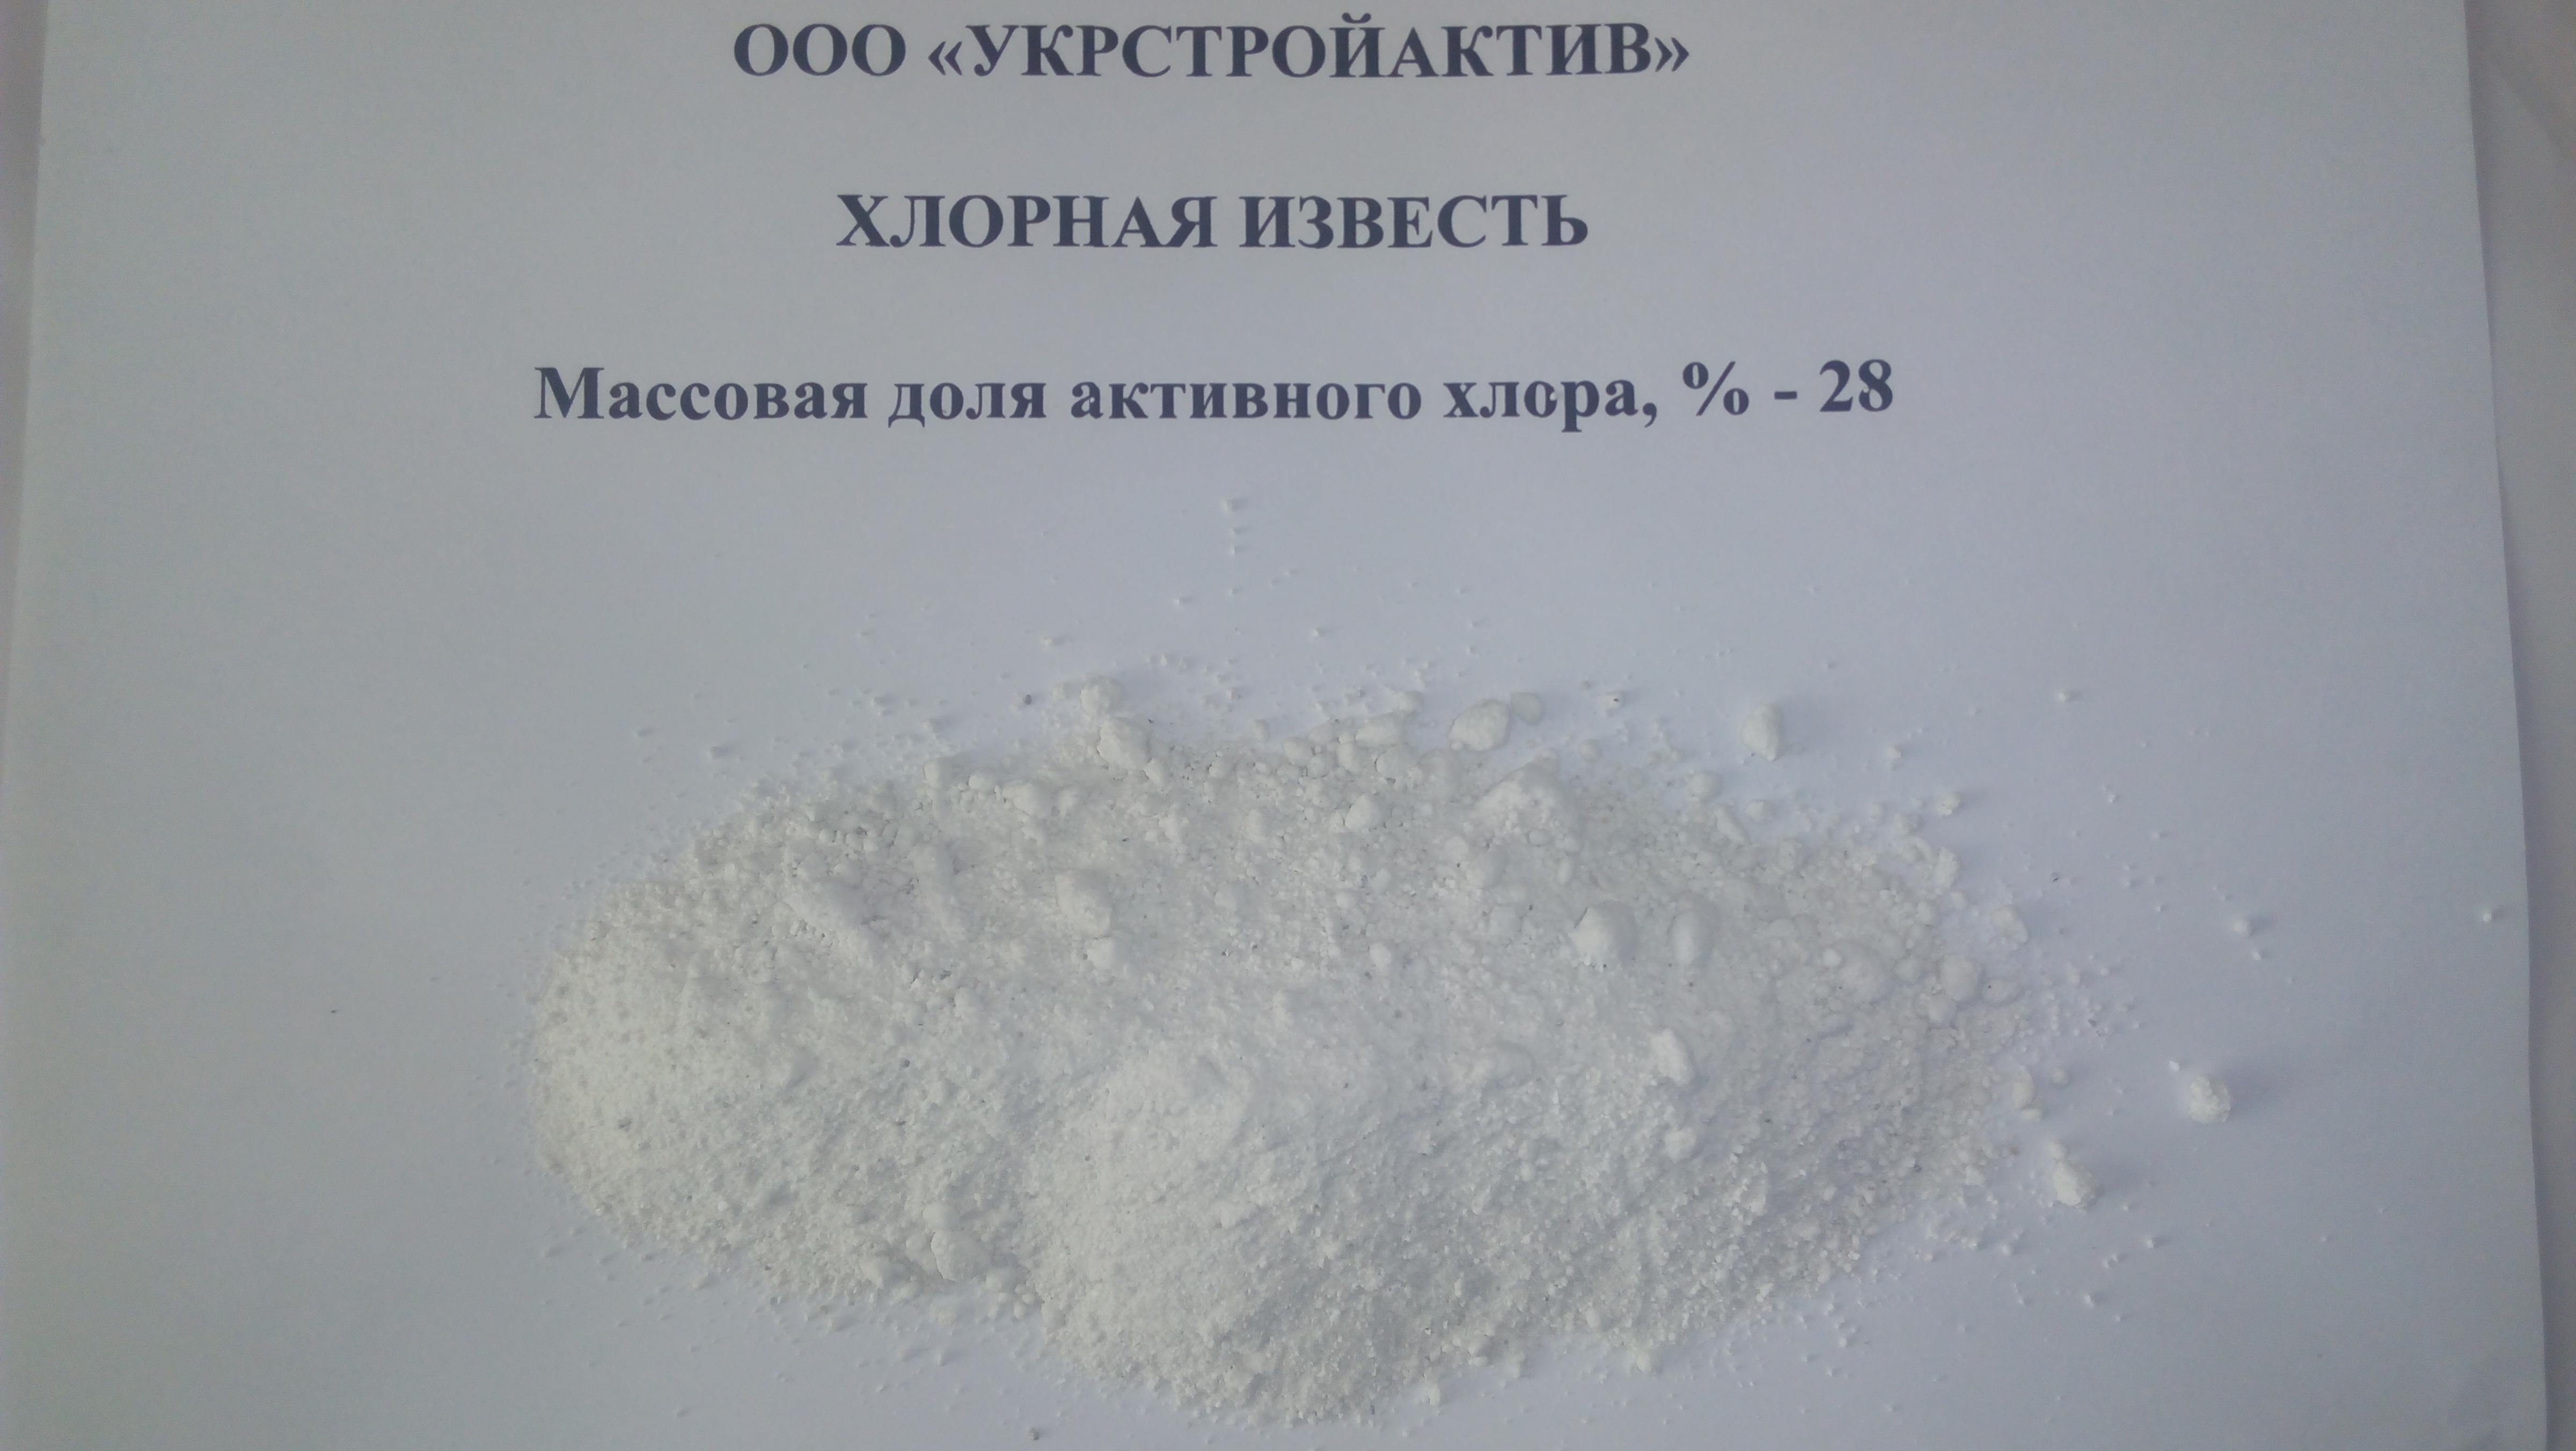 хлорная-известь-1